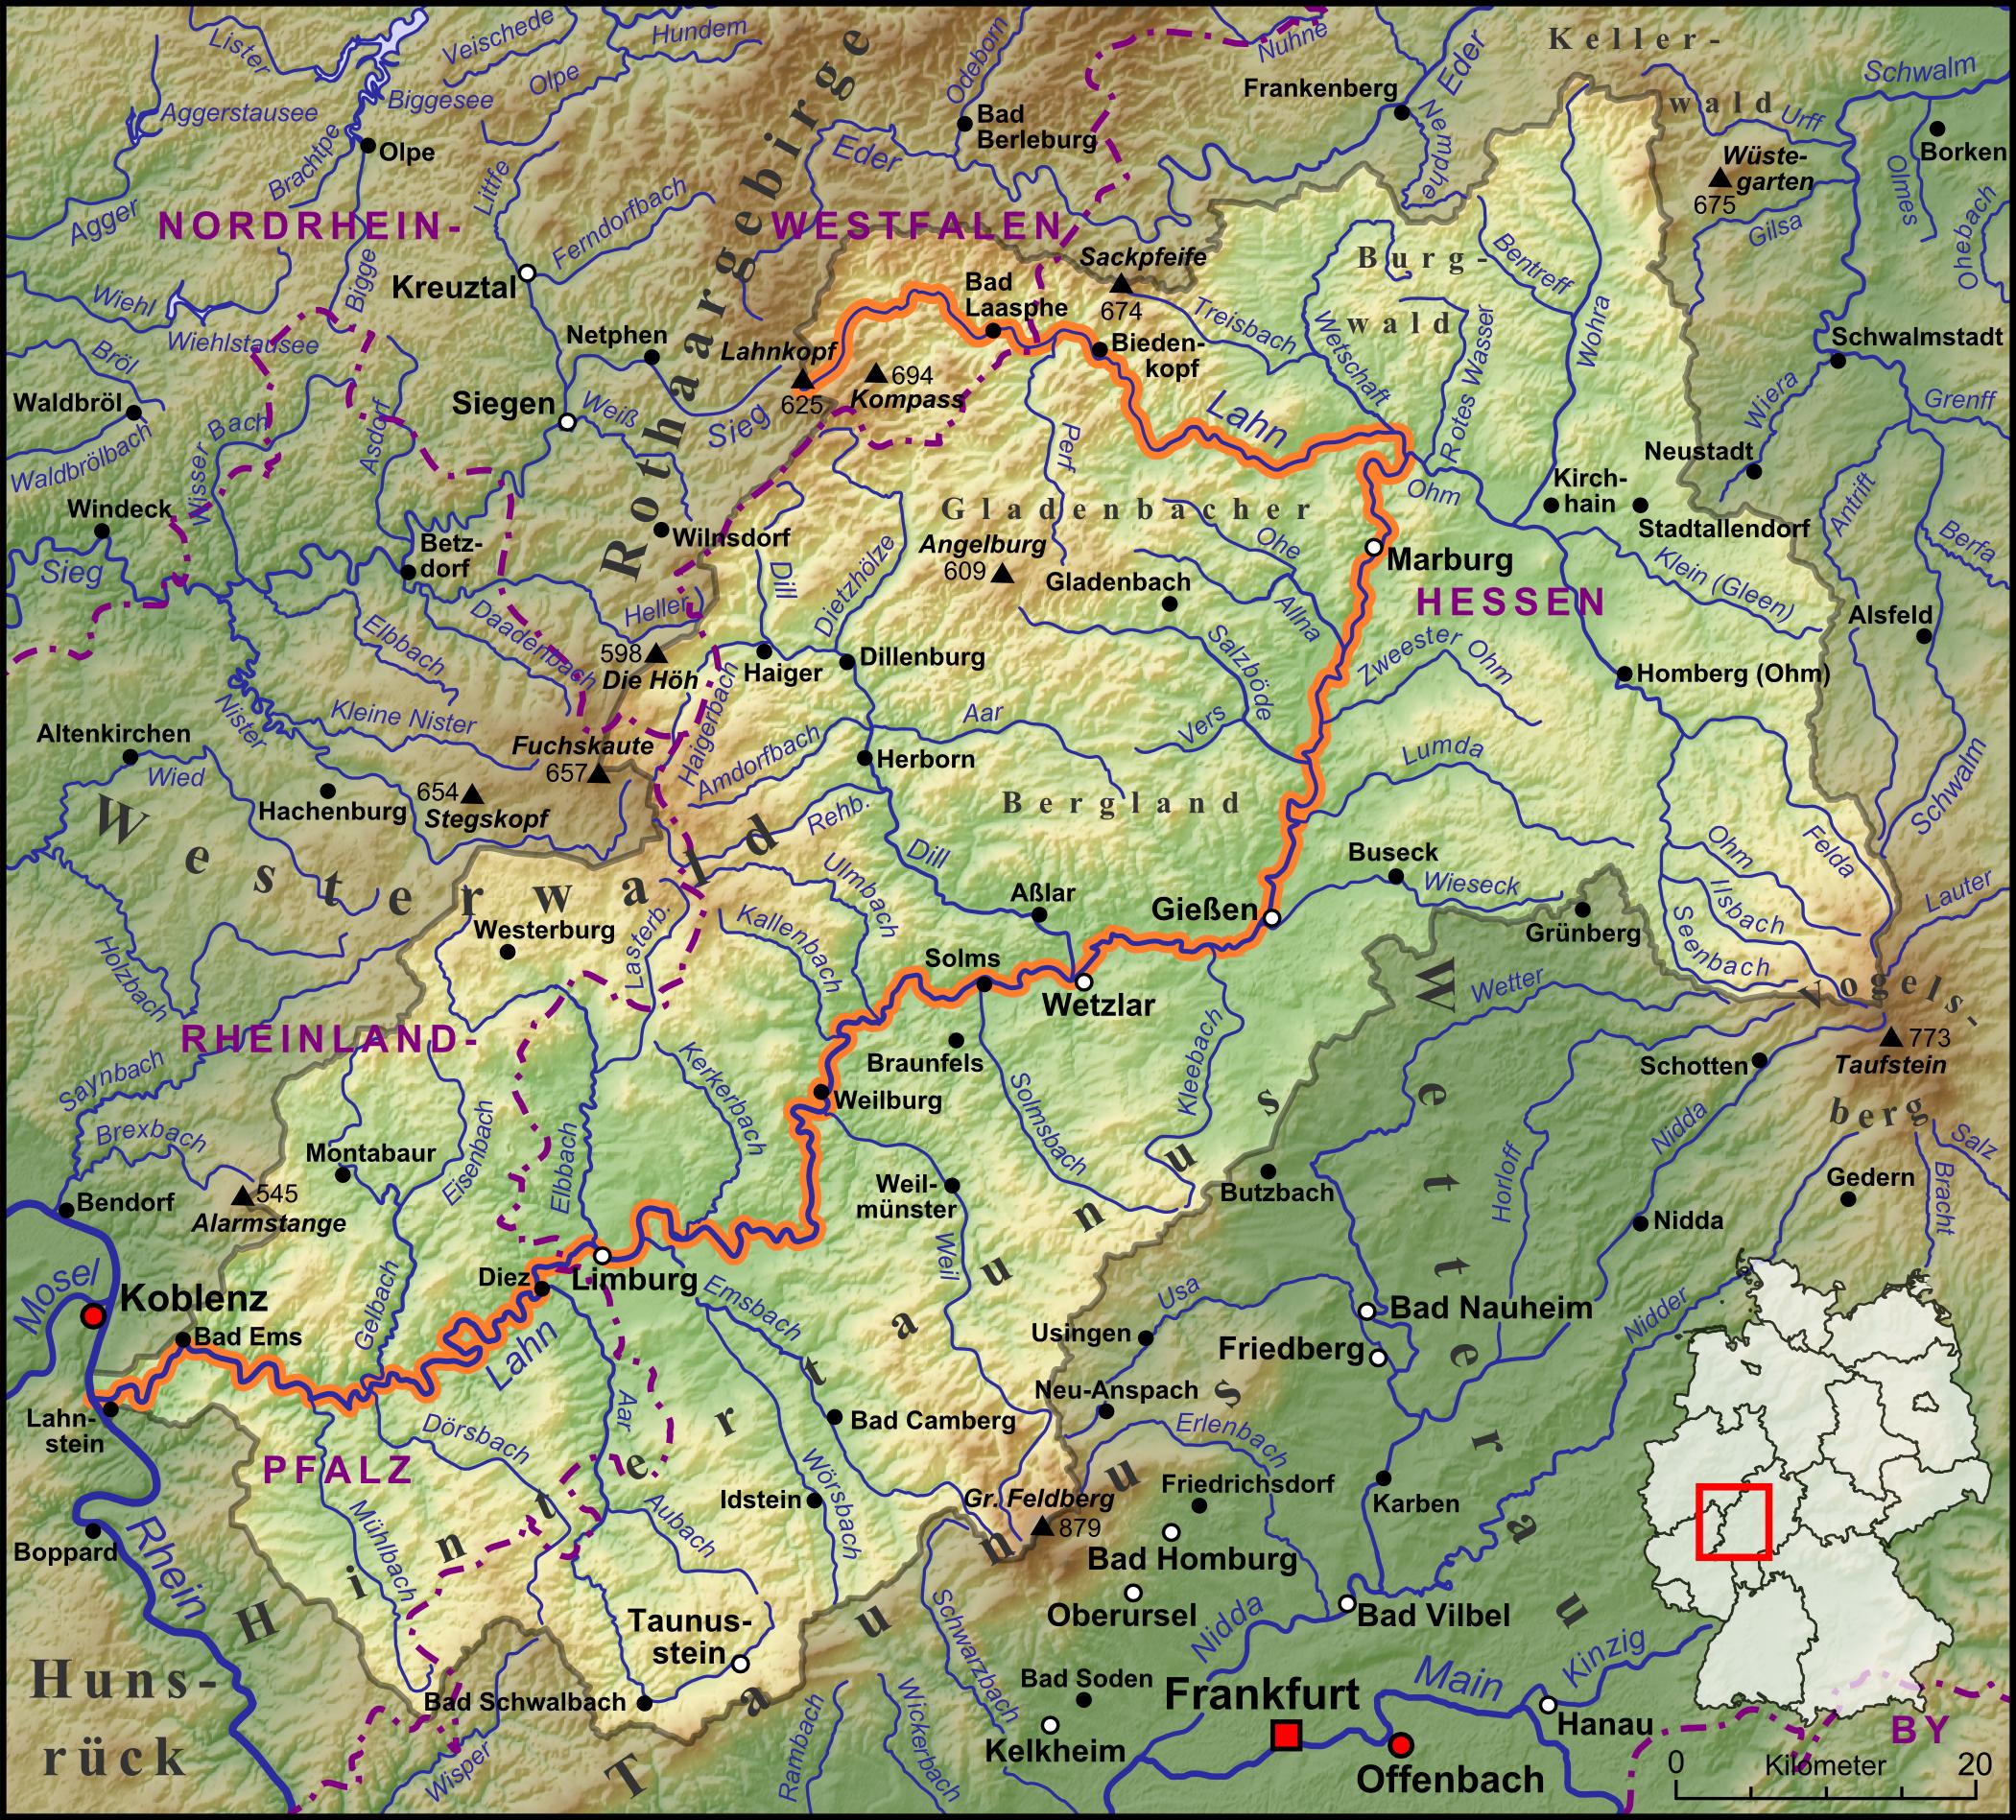 Image of Verlaufskarte_Lahn.png#: http://commons.wikimedia.org/wiki/Special:FilePath/Verlaufskarte_Lahn.png